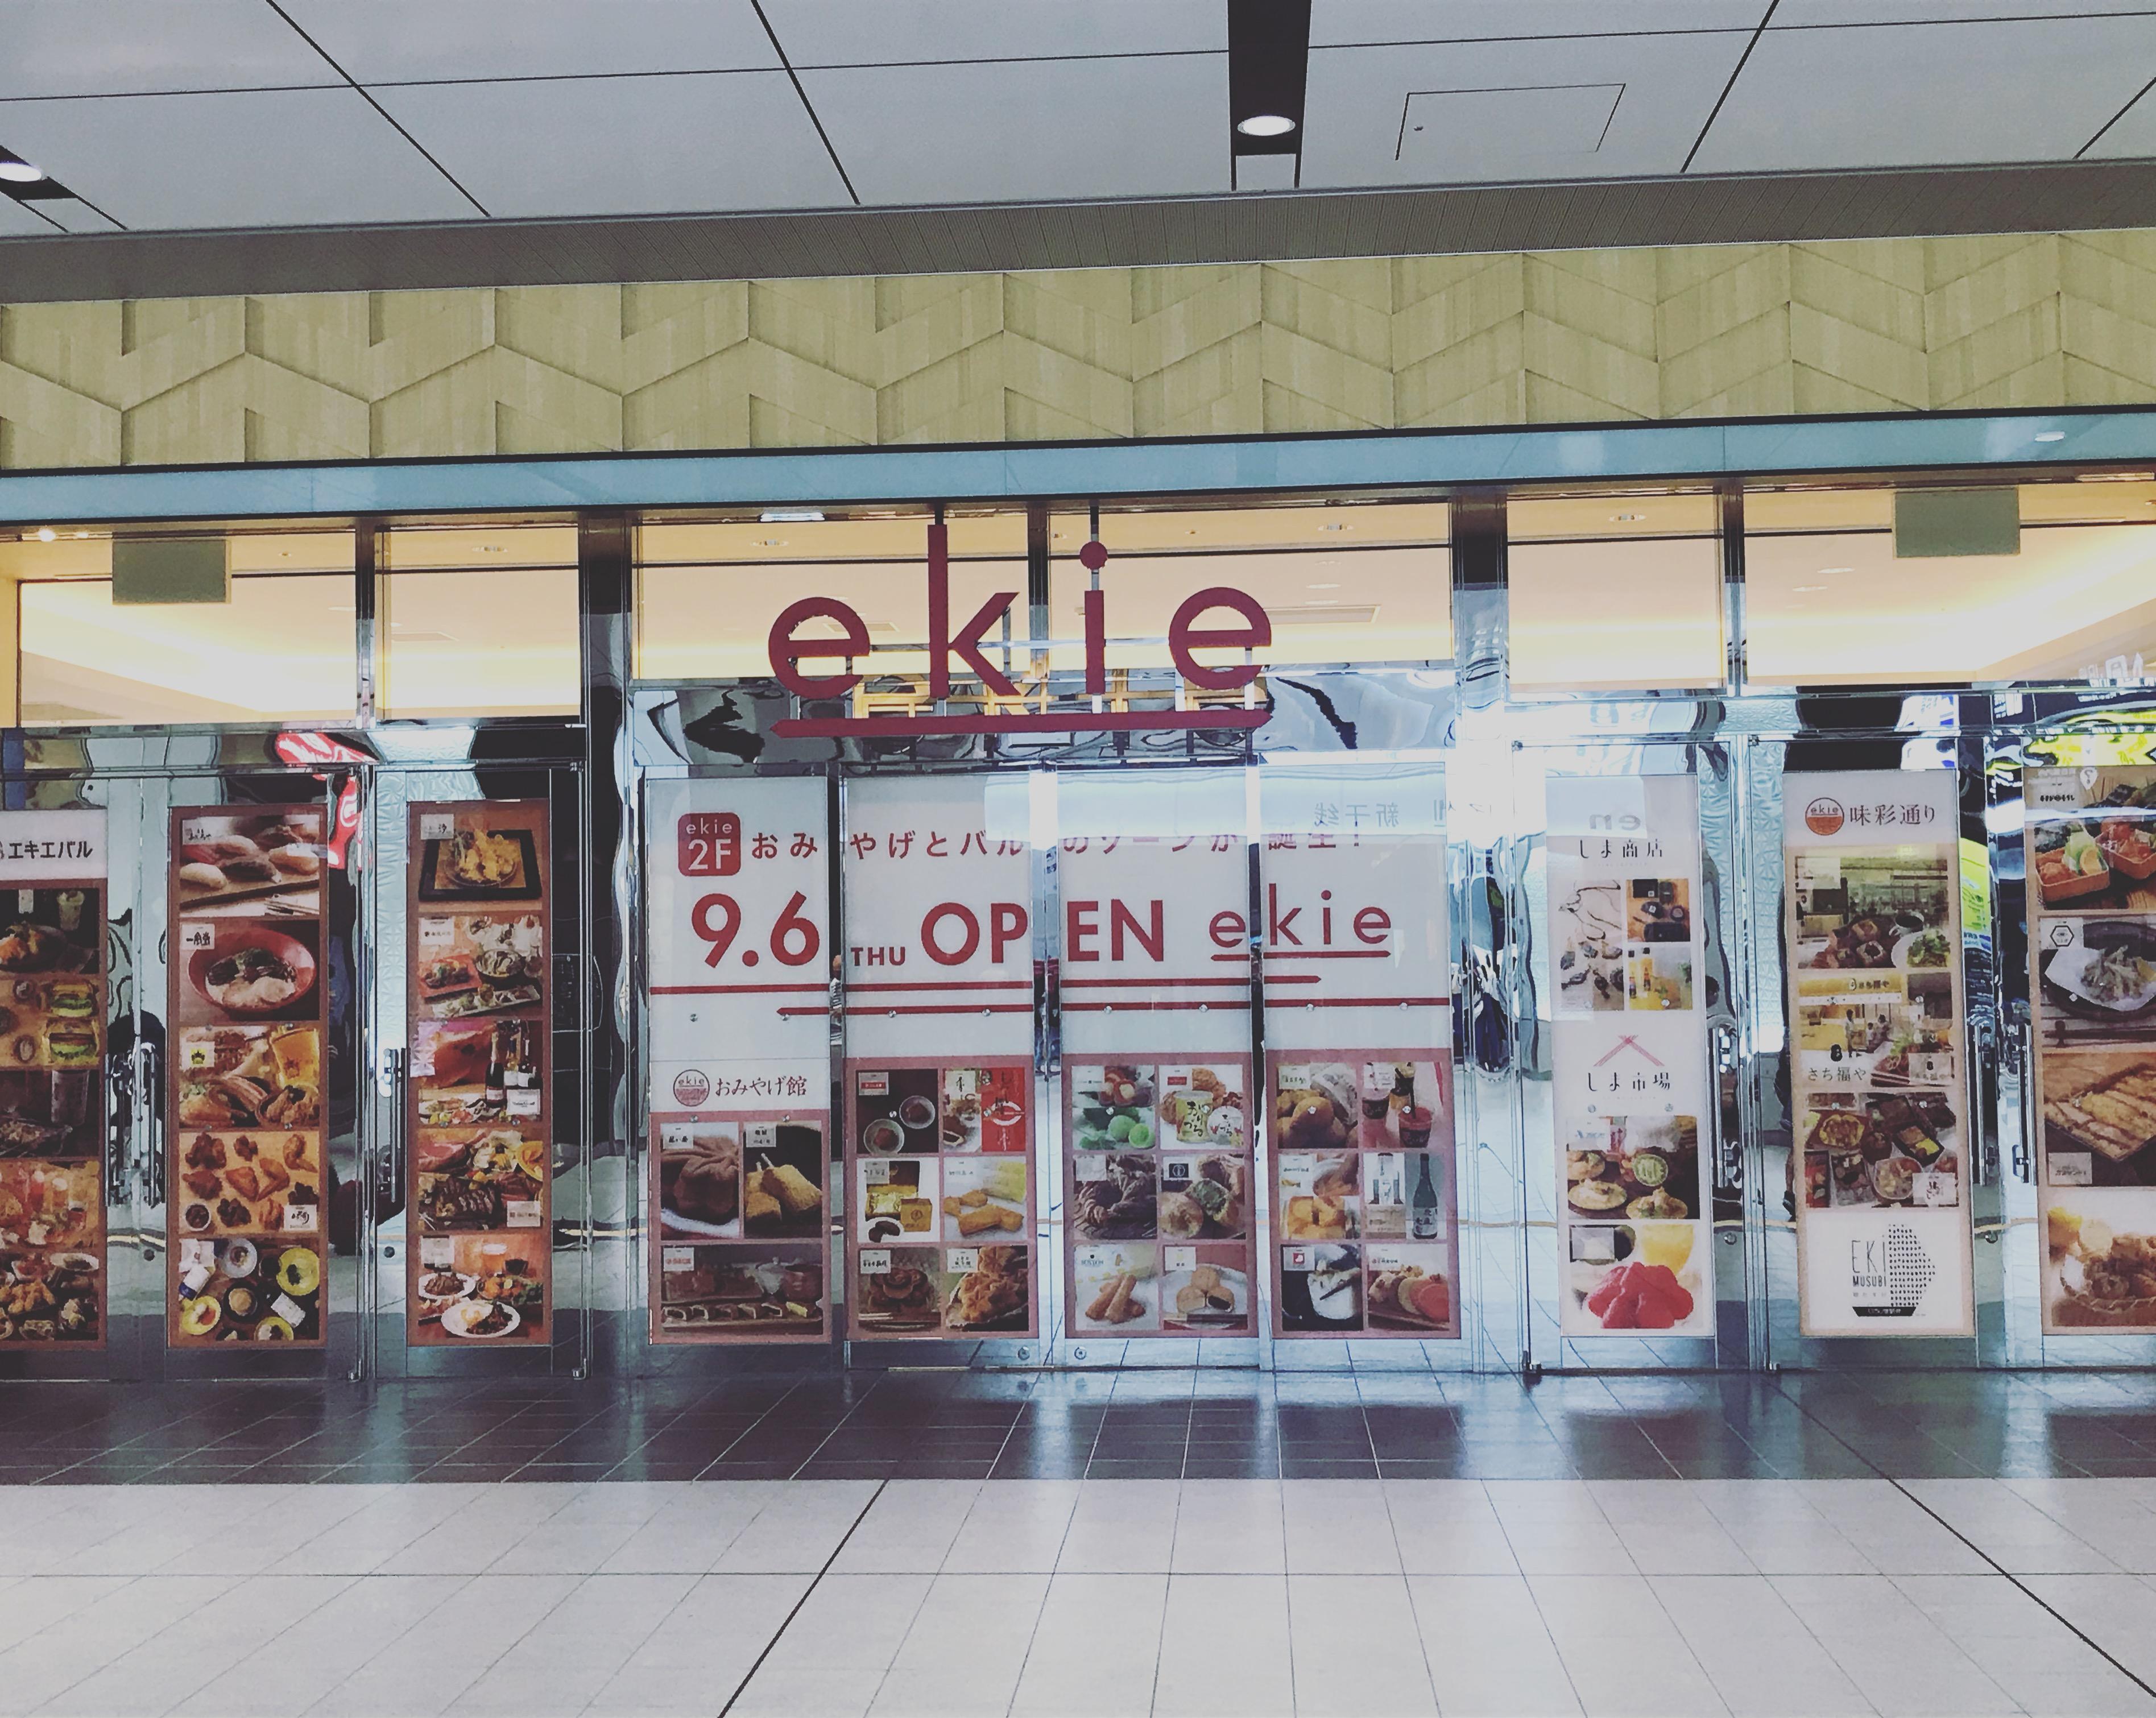 広島駅エキエお土産物・バルゾーンが9月6日開業